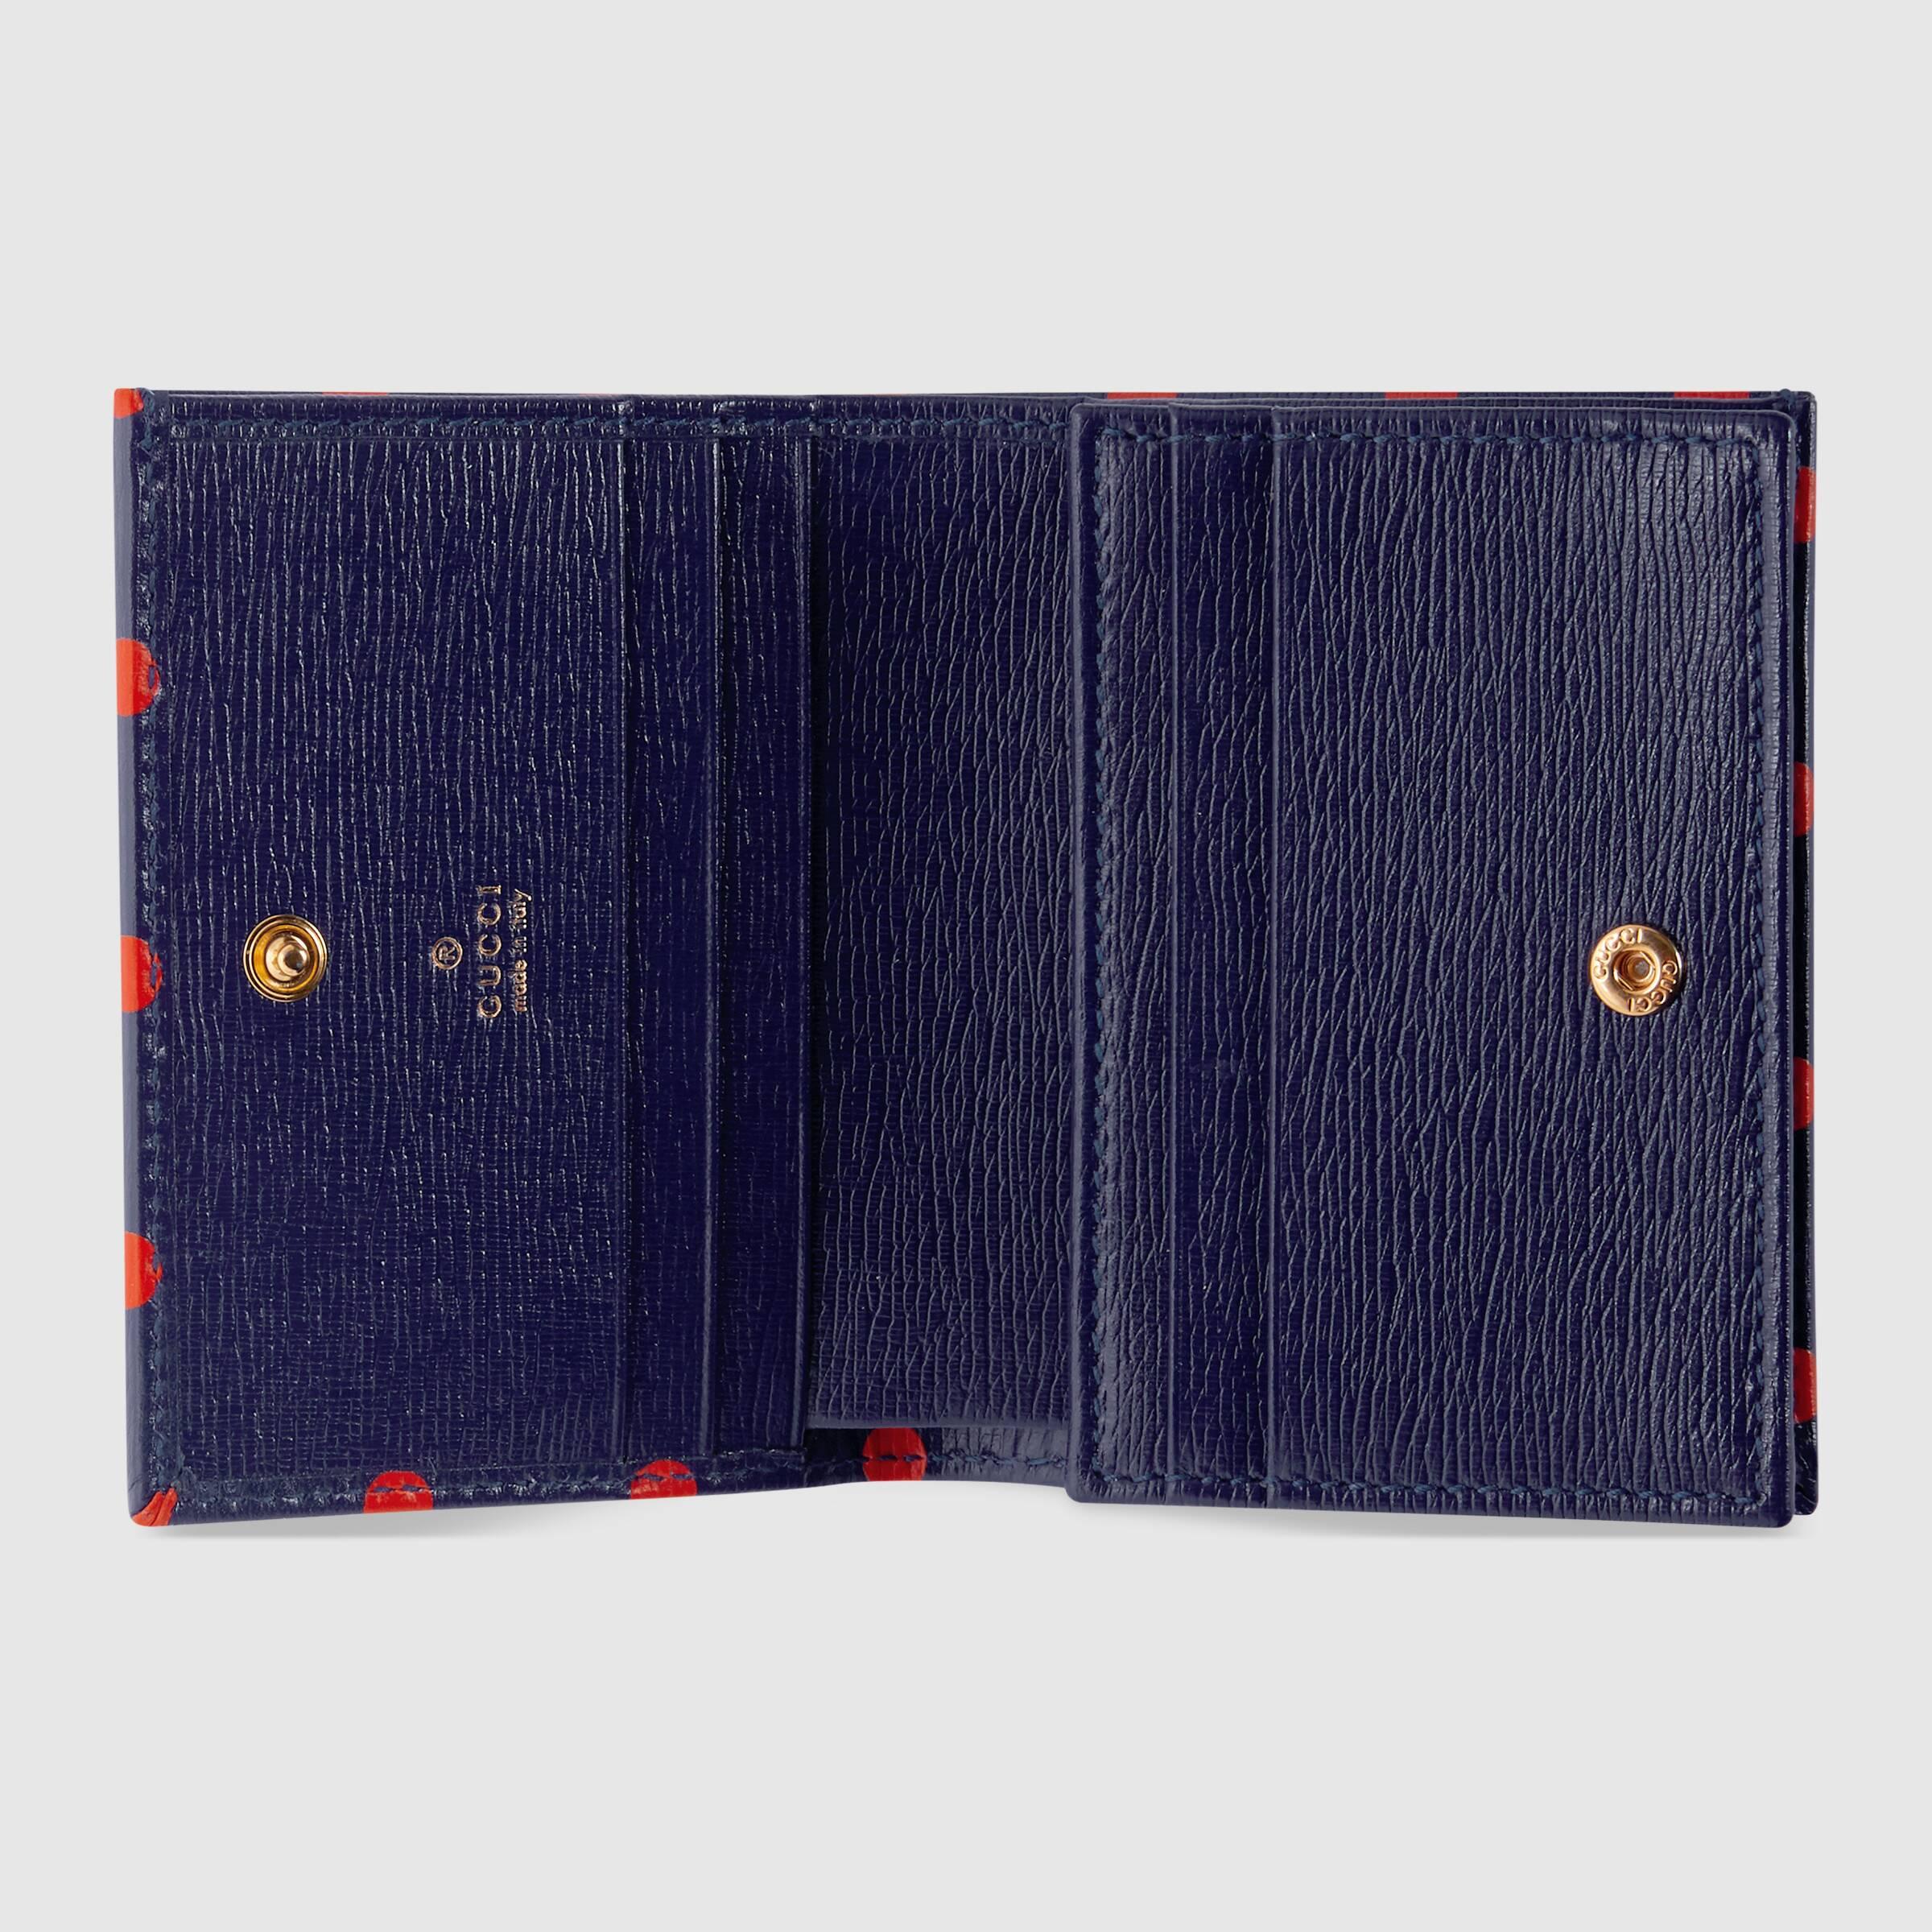 유럽직배송 구찌 카드 케이스 GUCCI 1955 Horsebit card case wallet 6218871V4BG4099